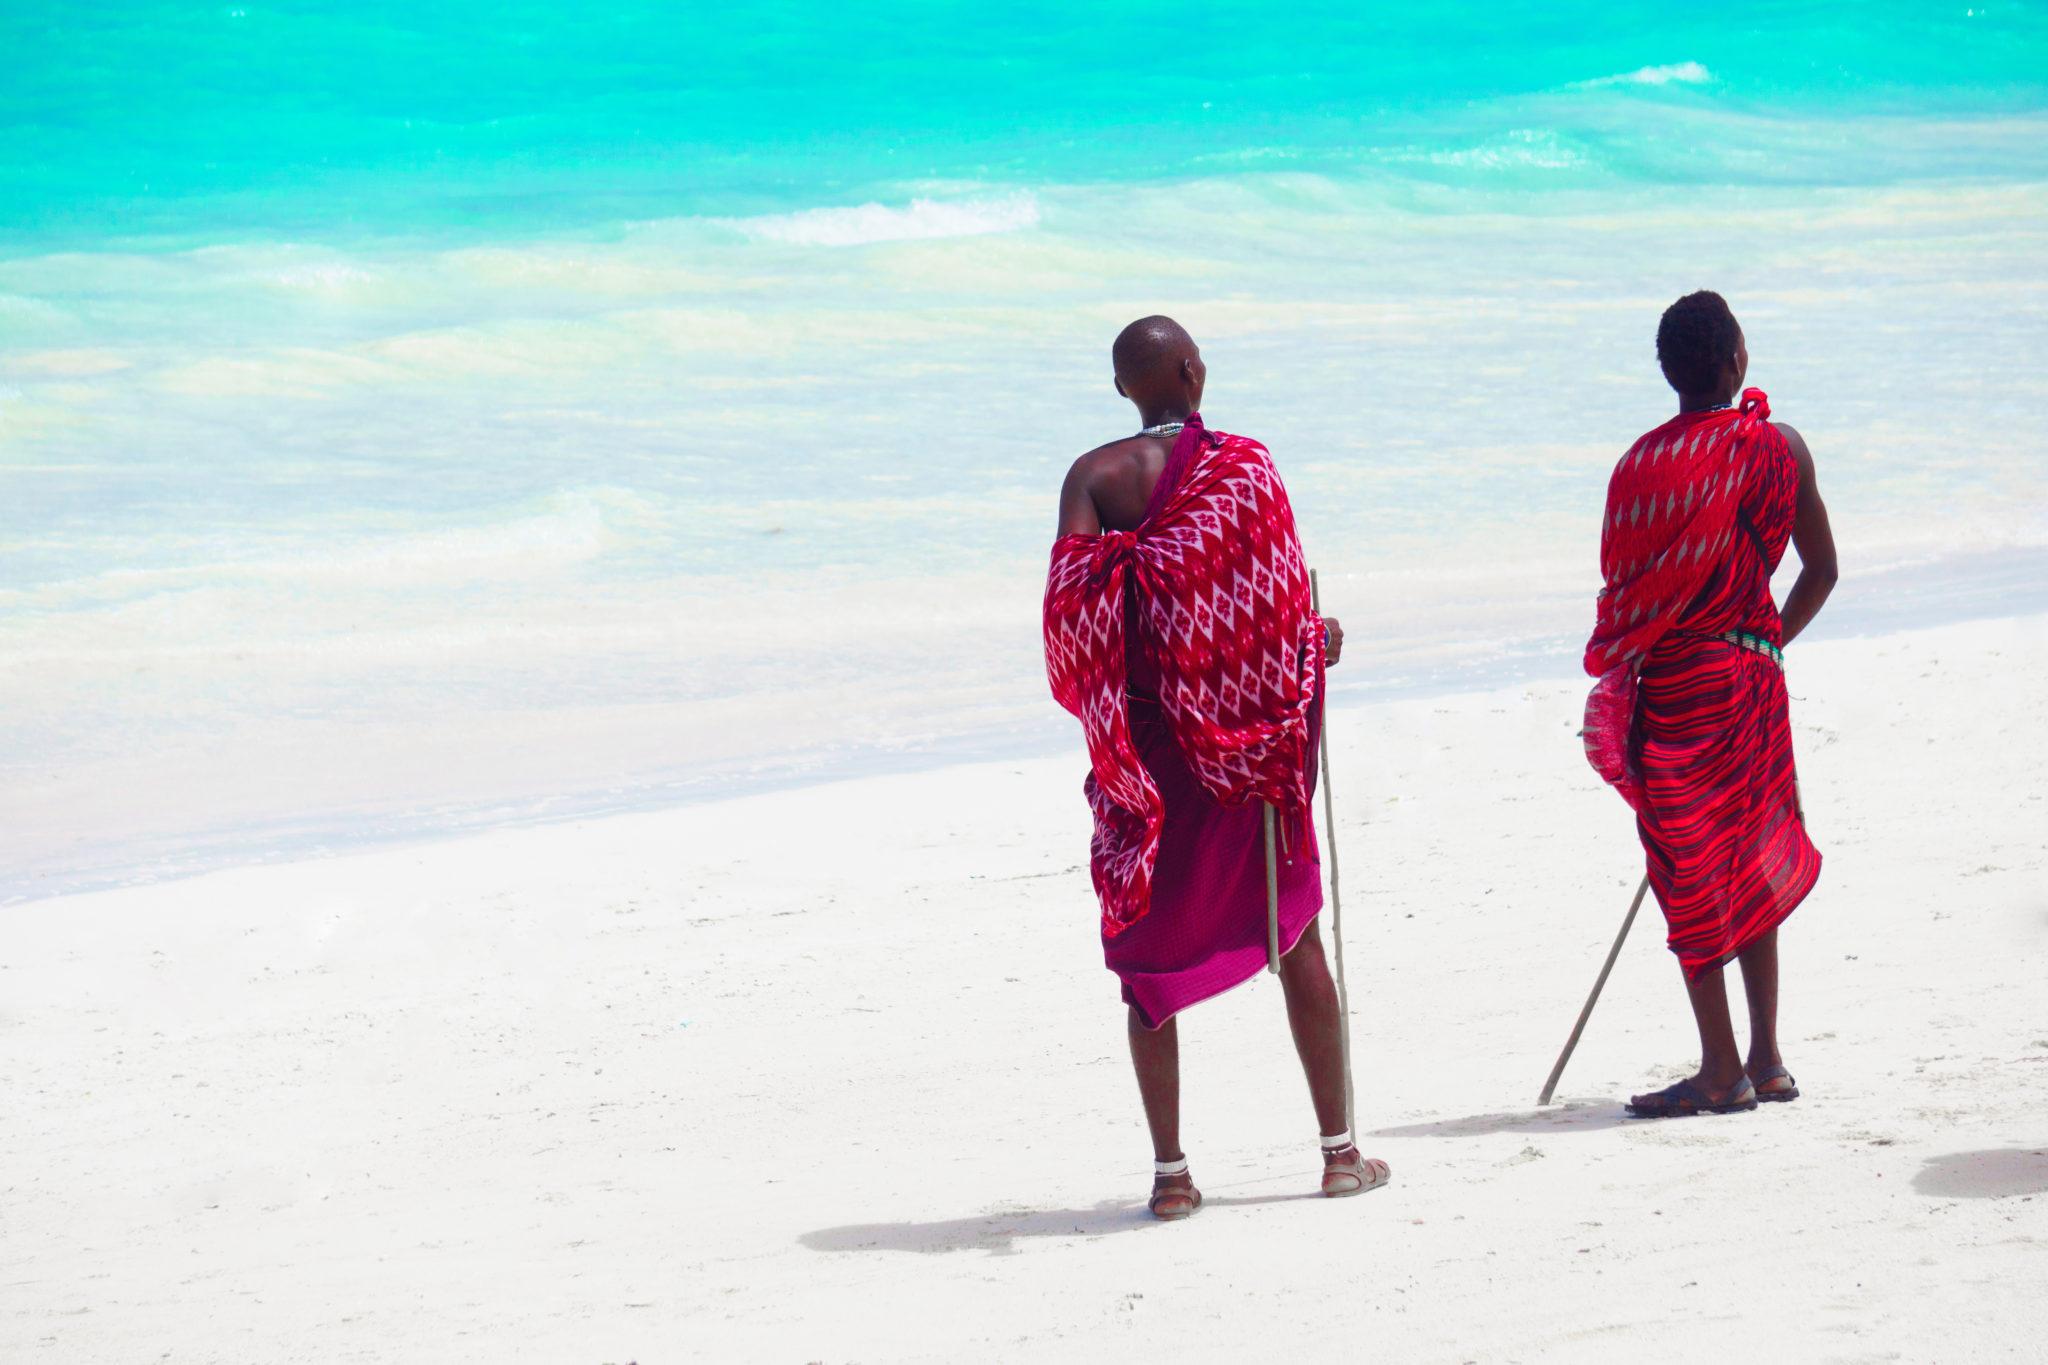 Masajové na pláži